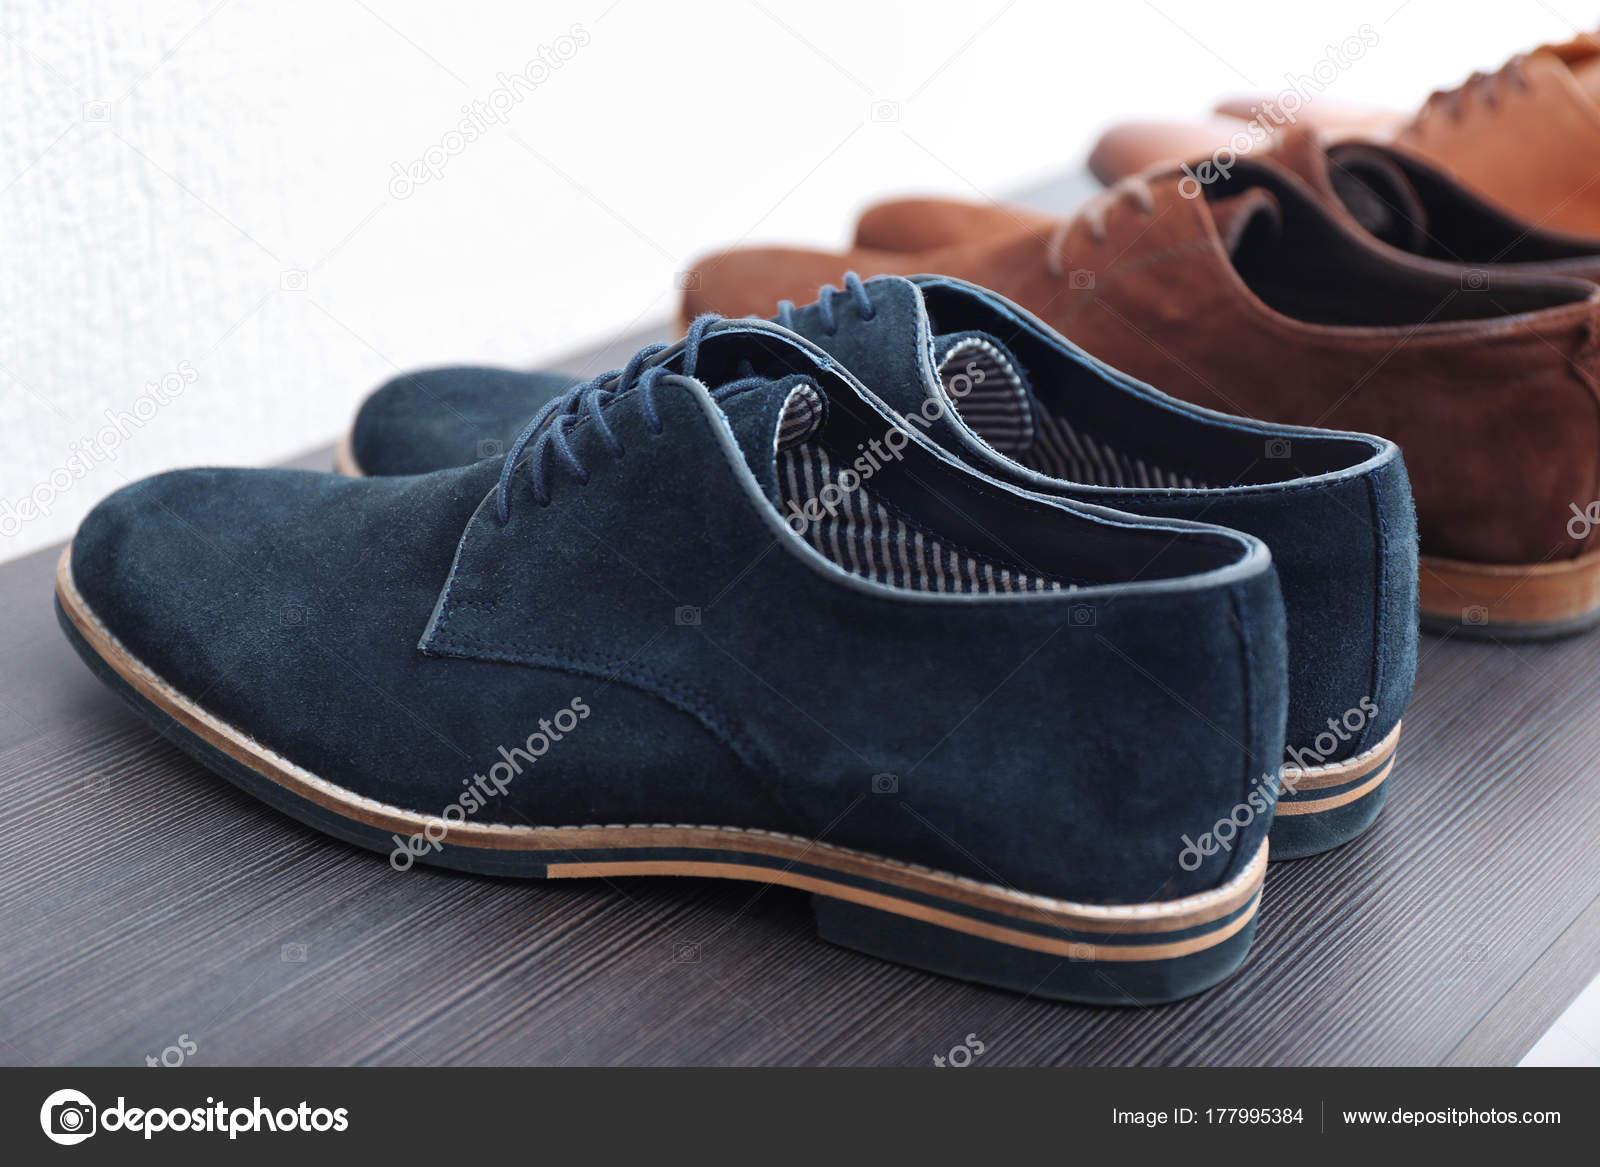 fa8f80eeb3a7 Стильная мужская обувь на шельфе — Стоковое фото © belchonock  177995384